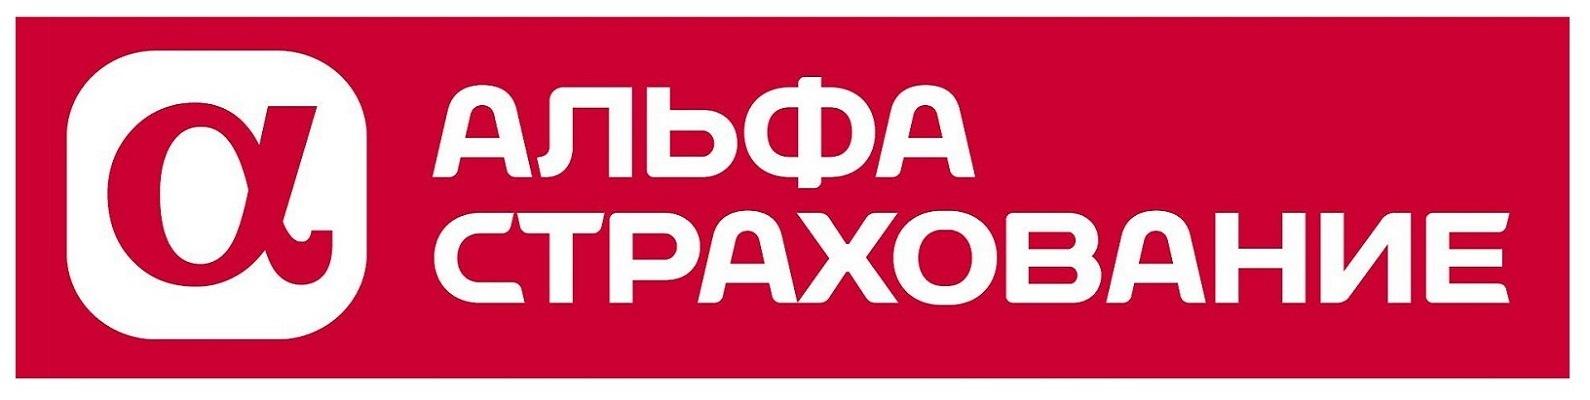 """Картинки по запросу """"логотип альфастрахование"""""""